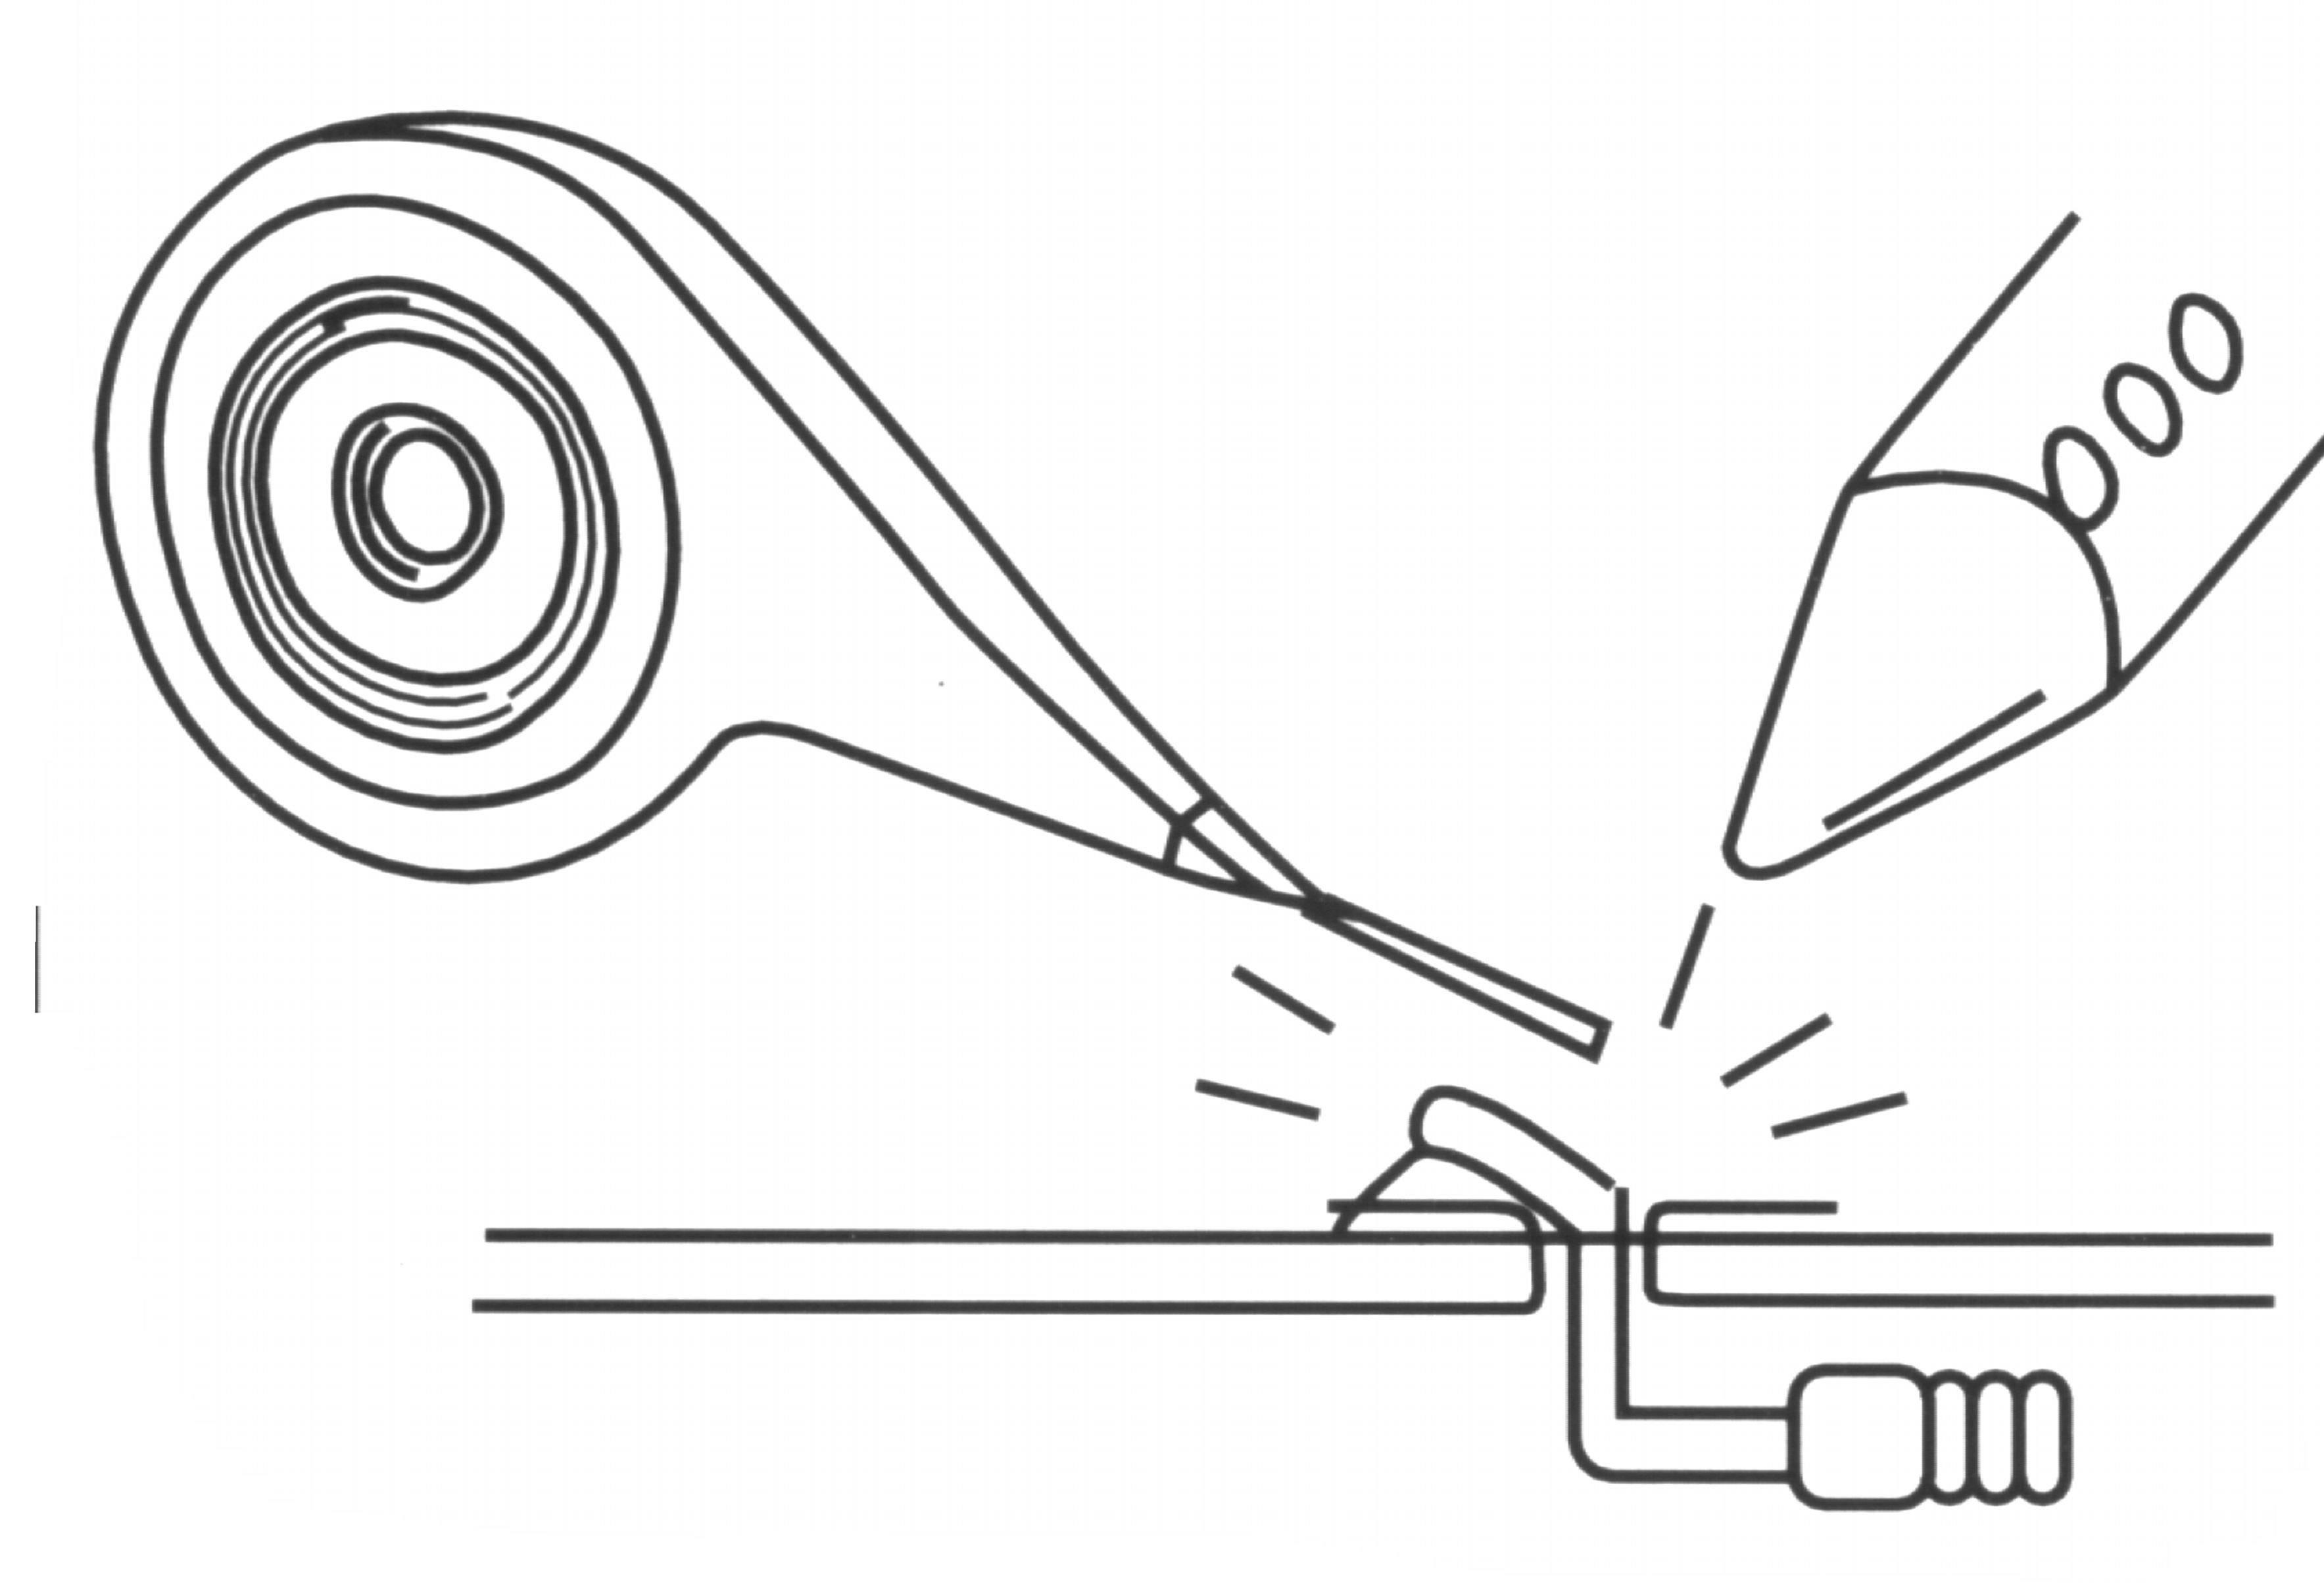 Lanko na odsávání Arexx AW-200, v zásobníku, 2 m